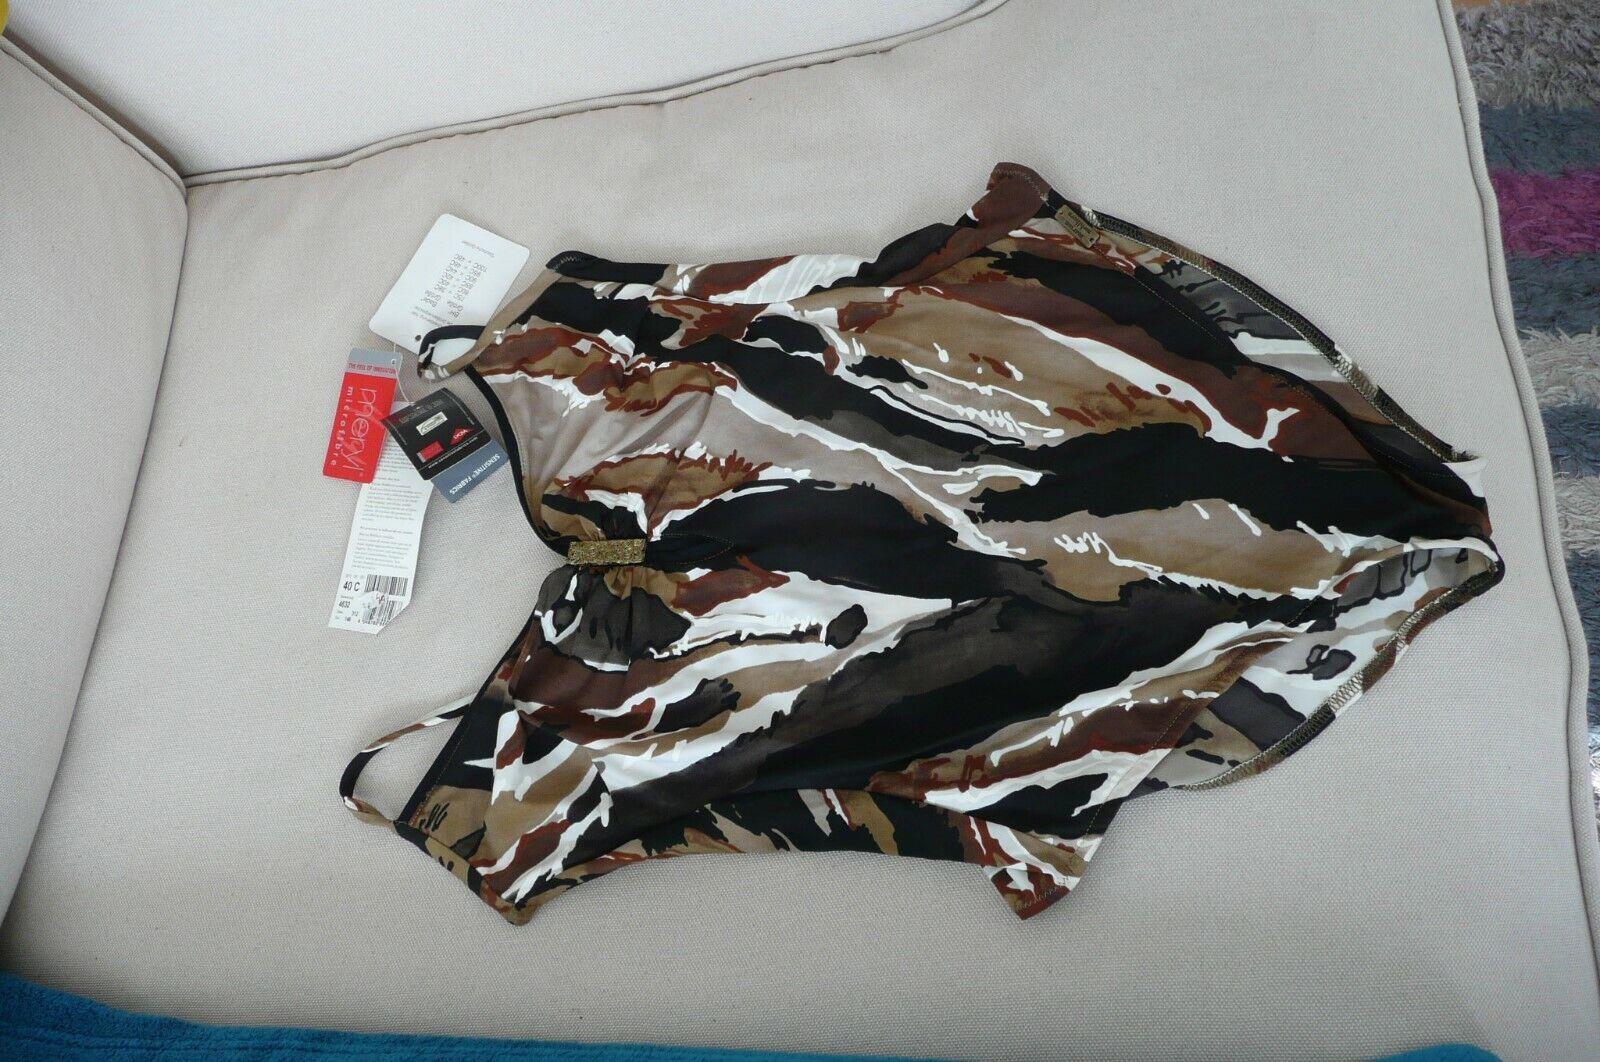 Badeanzug-Größe 80 C-braun/schwarz/weiß-Mikrofaser von Maryan Mehlhorn-NEU!!!